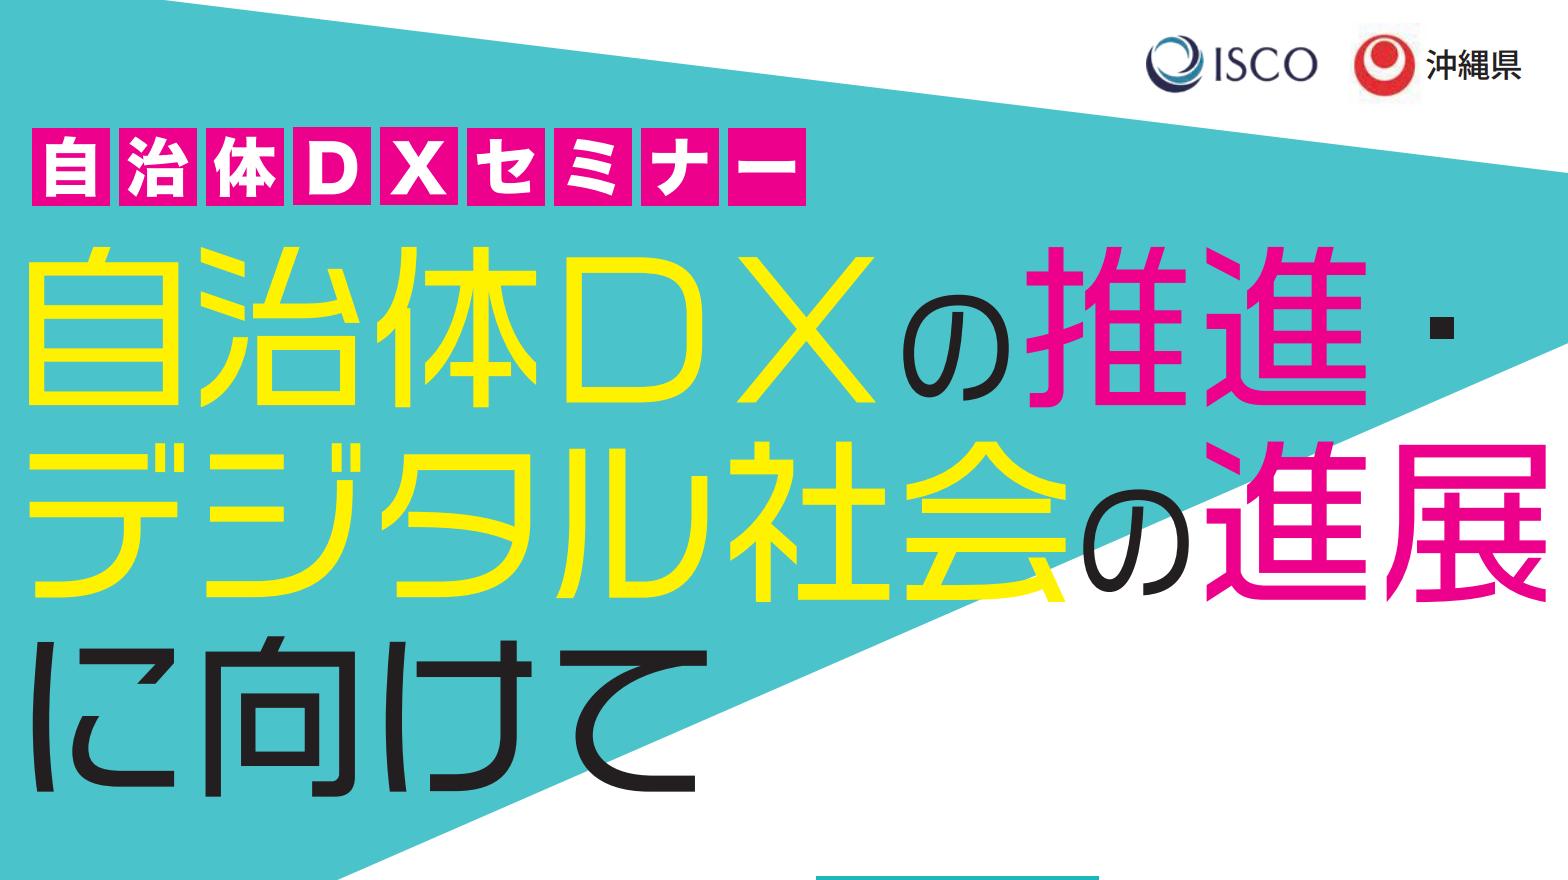 講演会のご案内 「自治体DXの推進・デジタル社会の進展に向けて」